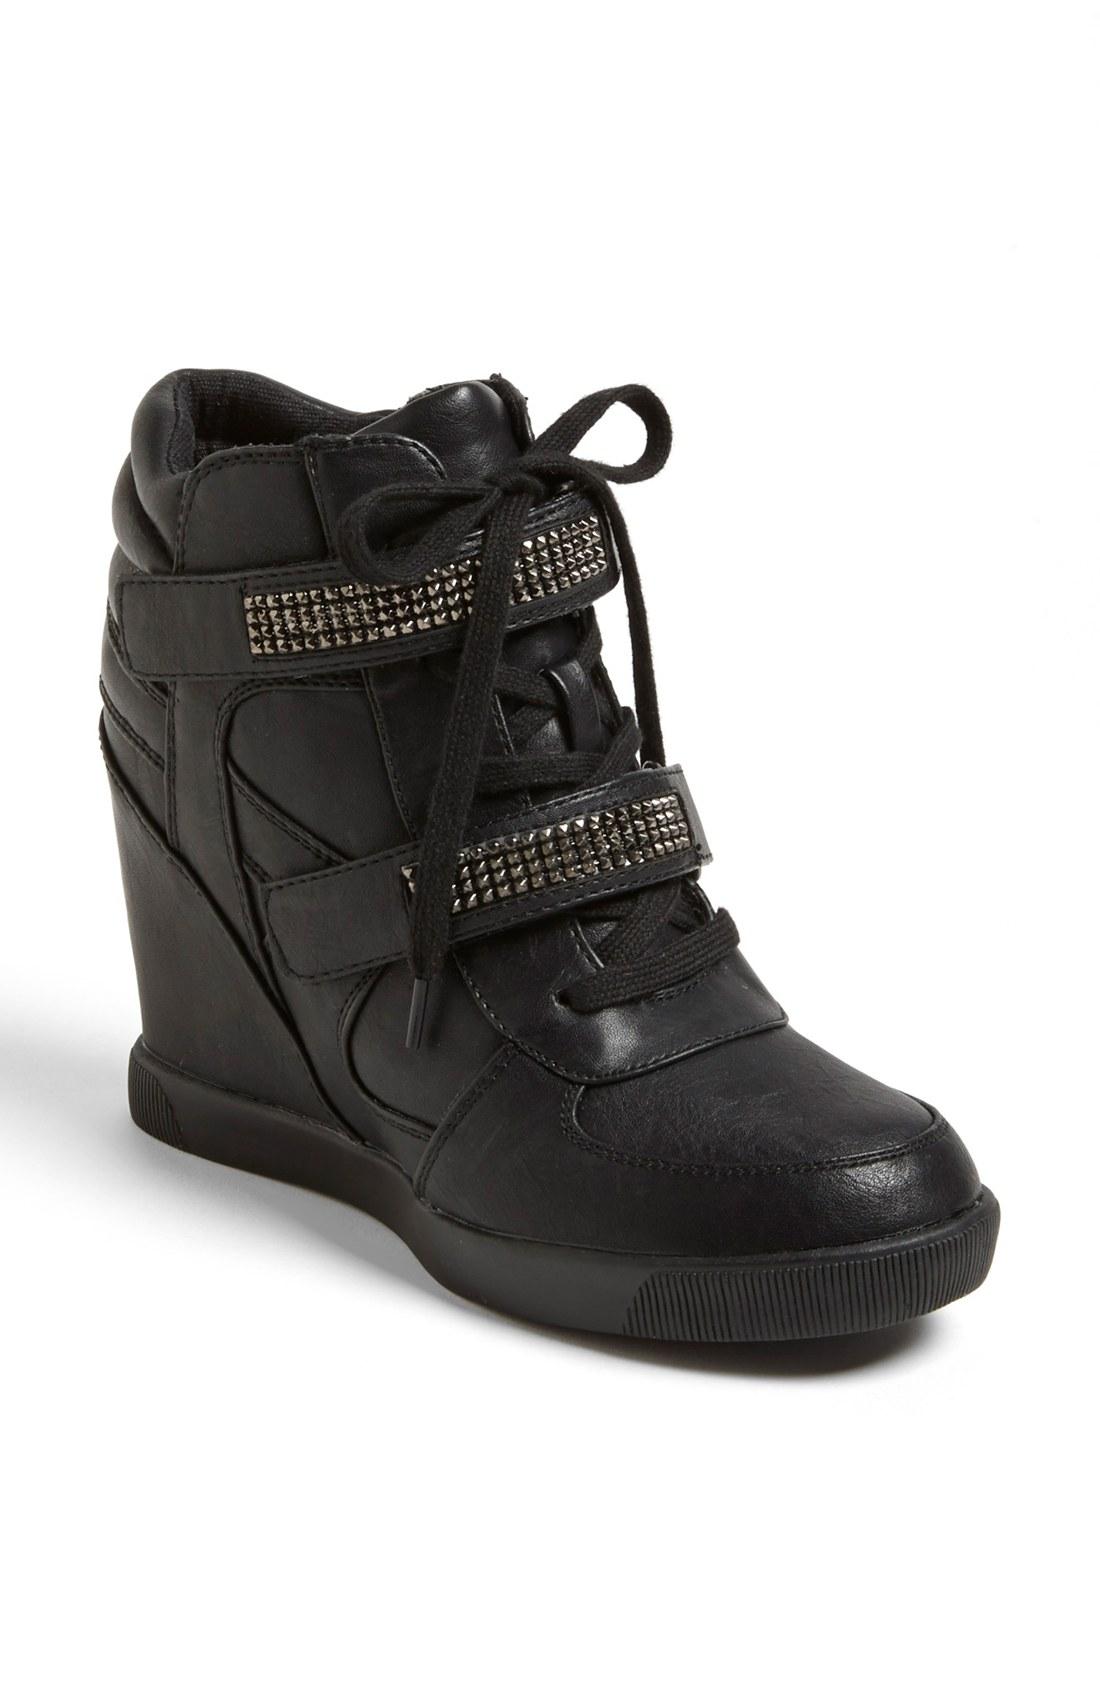 Mia Flamee Wedge Sneaker In Black Black Leather Lyst